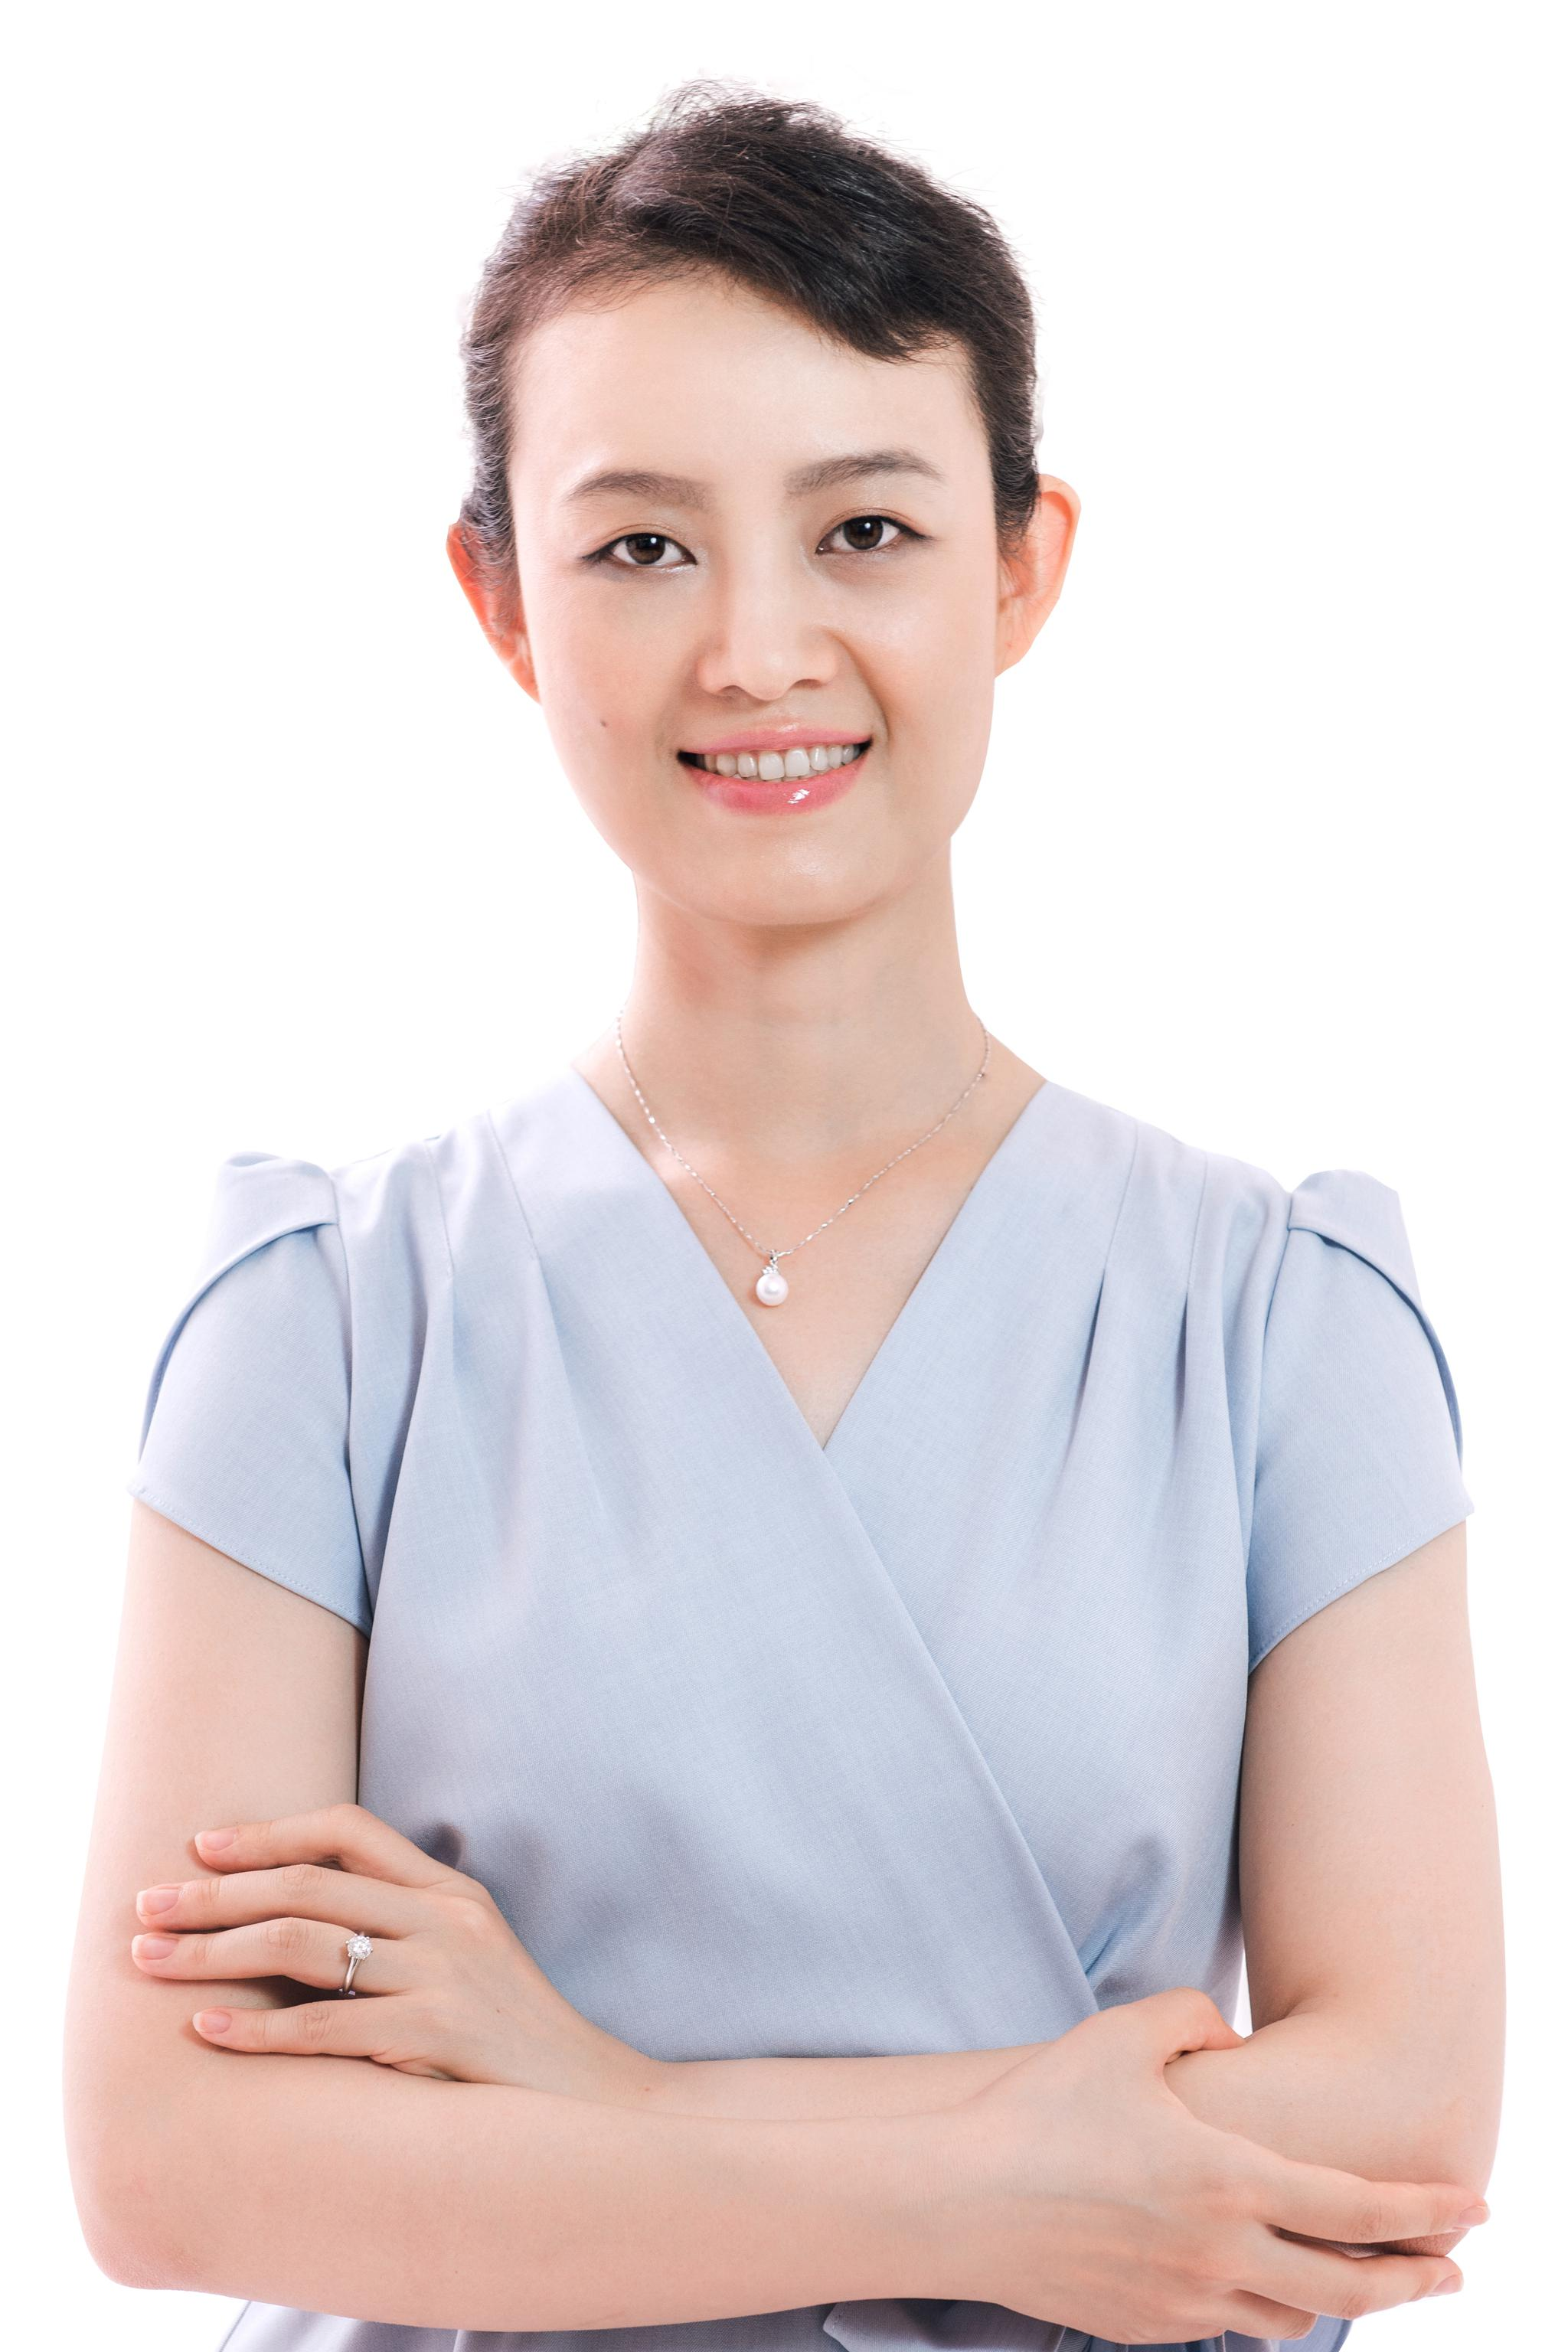 劉穎 北京大學生命科學學院教授,博士生導師 科學隊長特邀專家